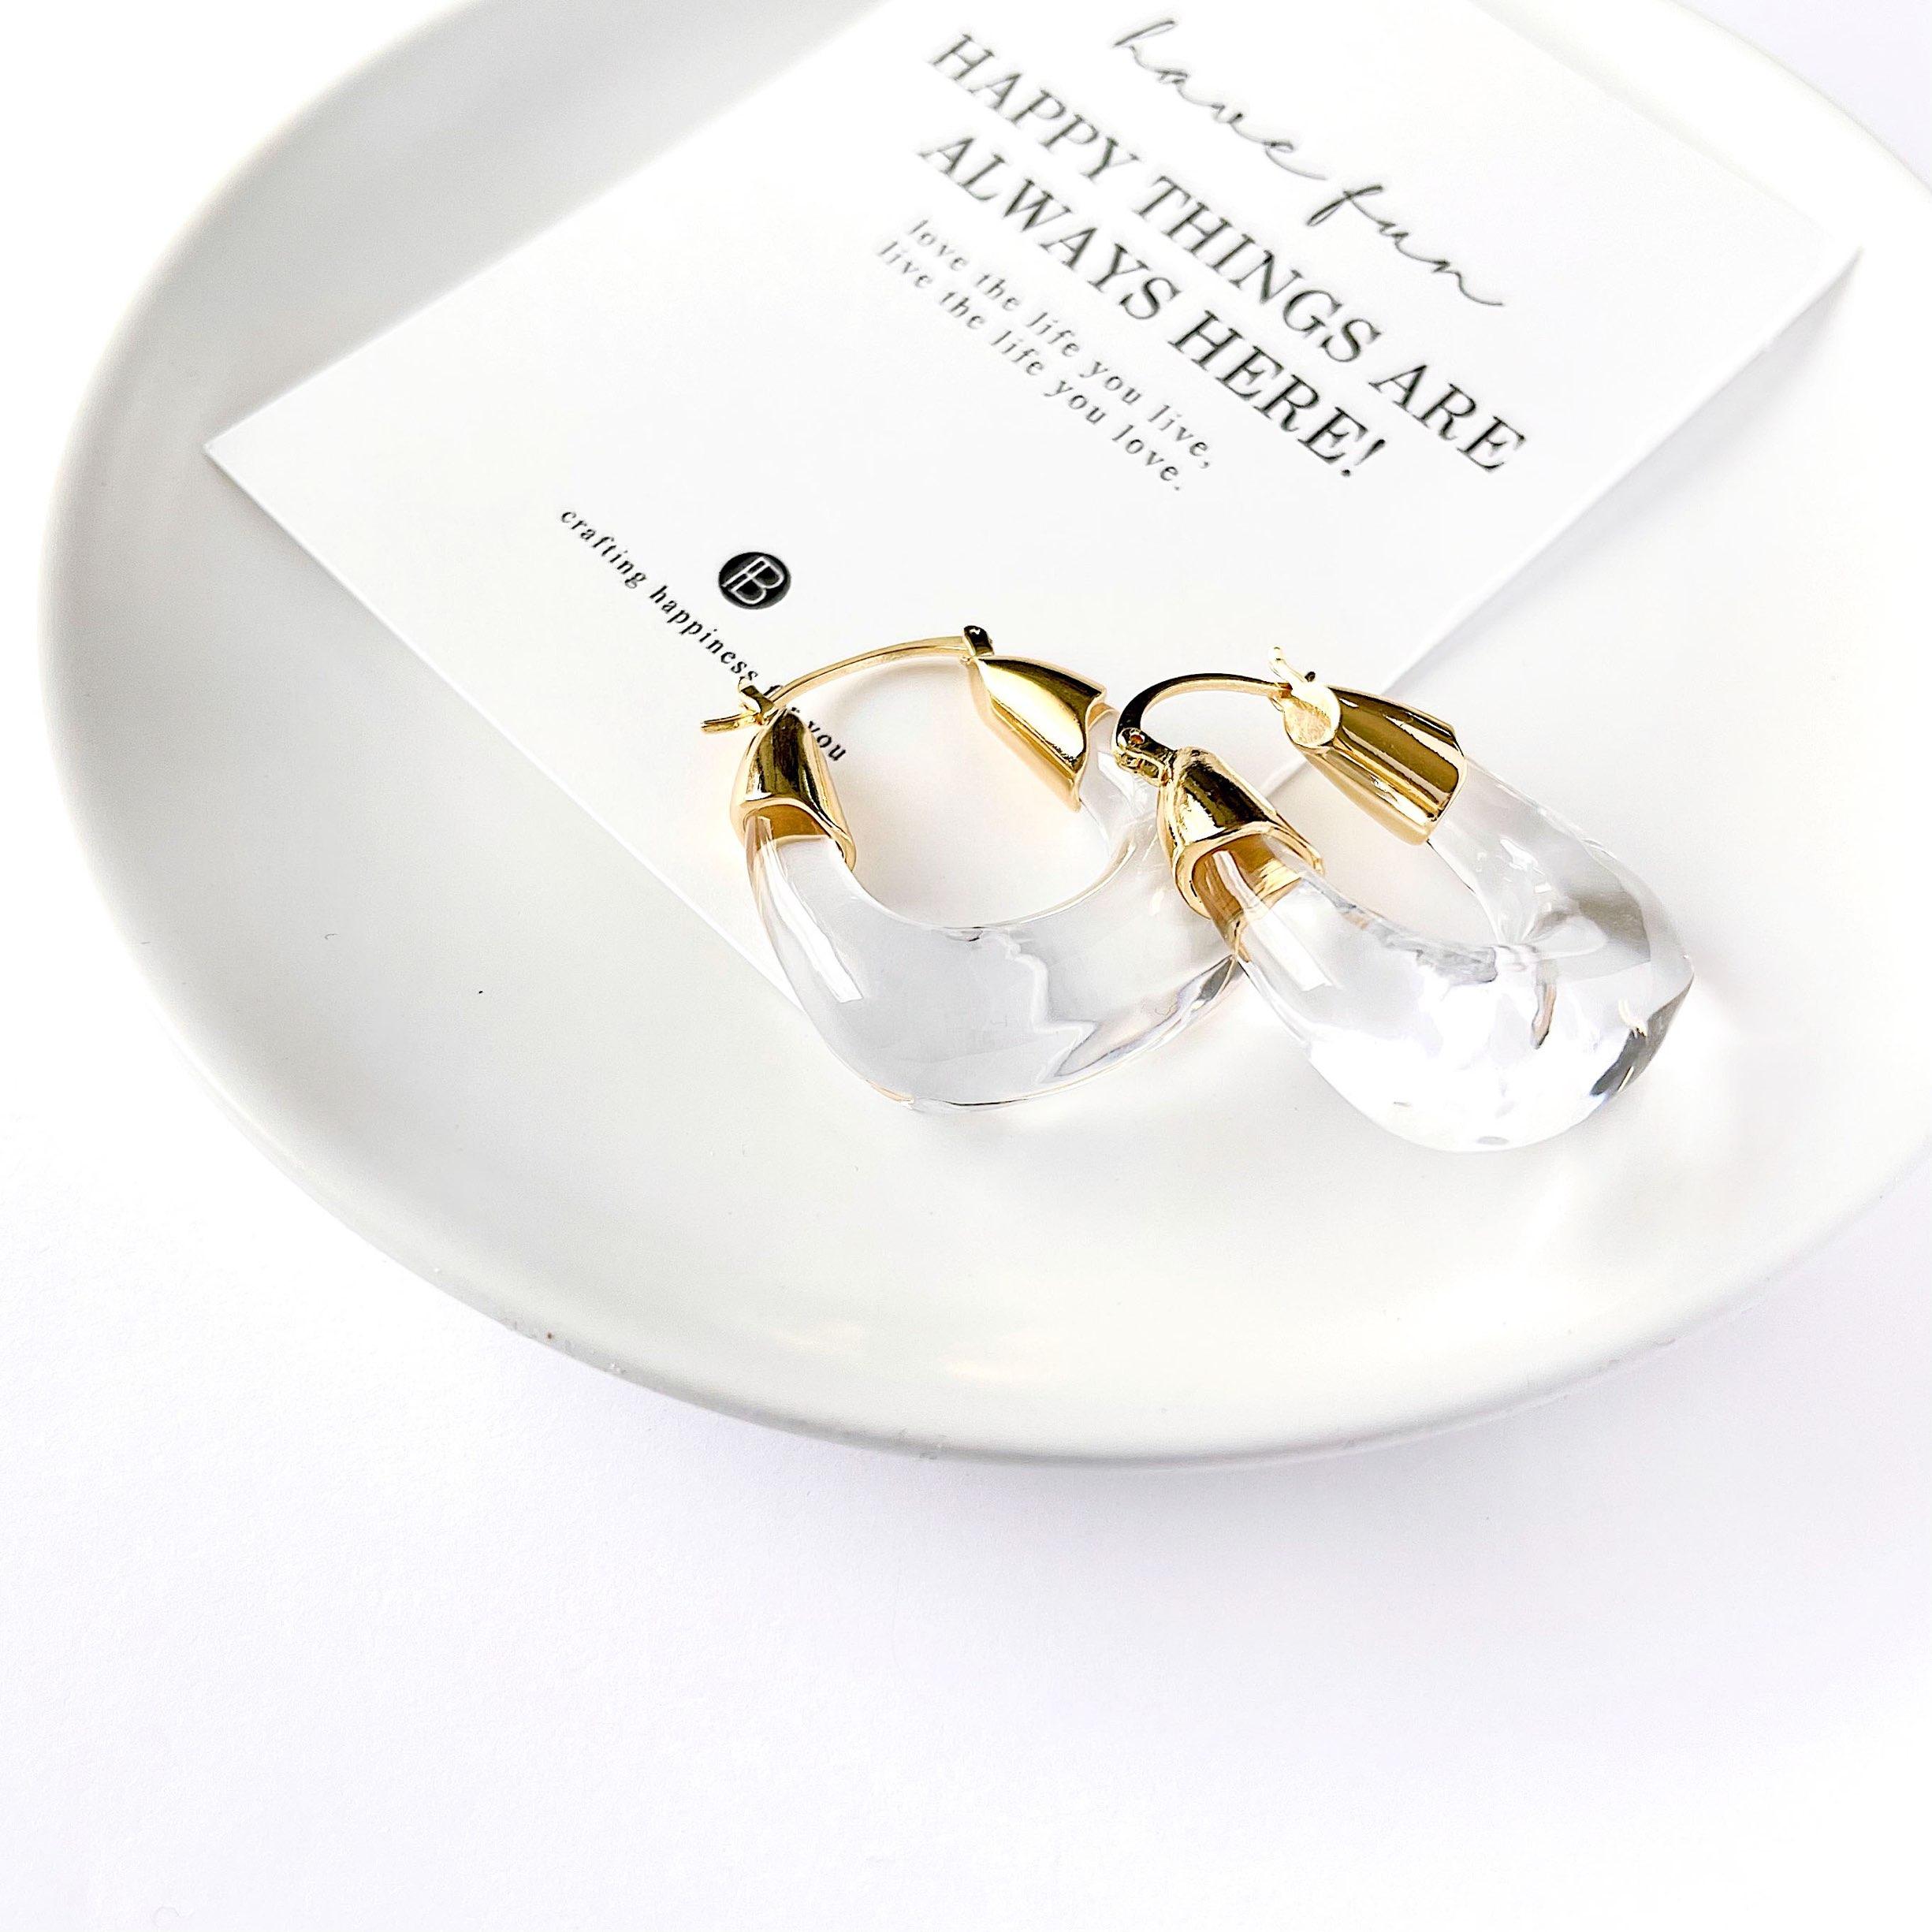 【国内即納】大振りクリアフープピアス デザイン メタル ゴールド 夏 樹脂 トレンド アクセサリー パーツ